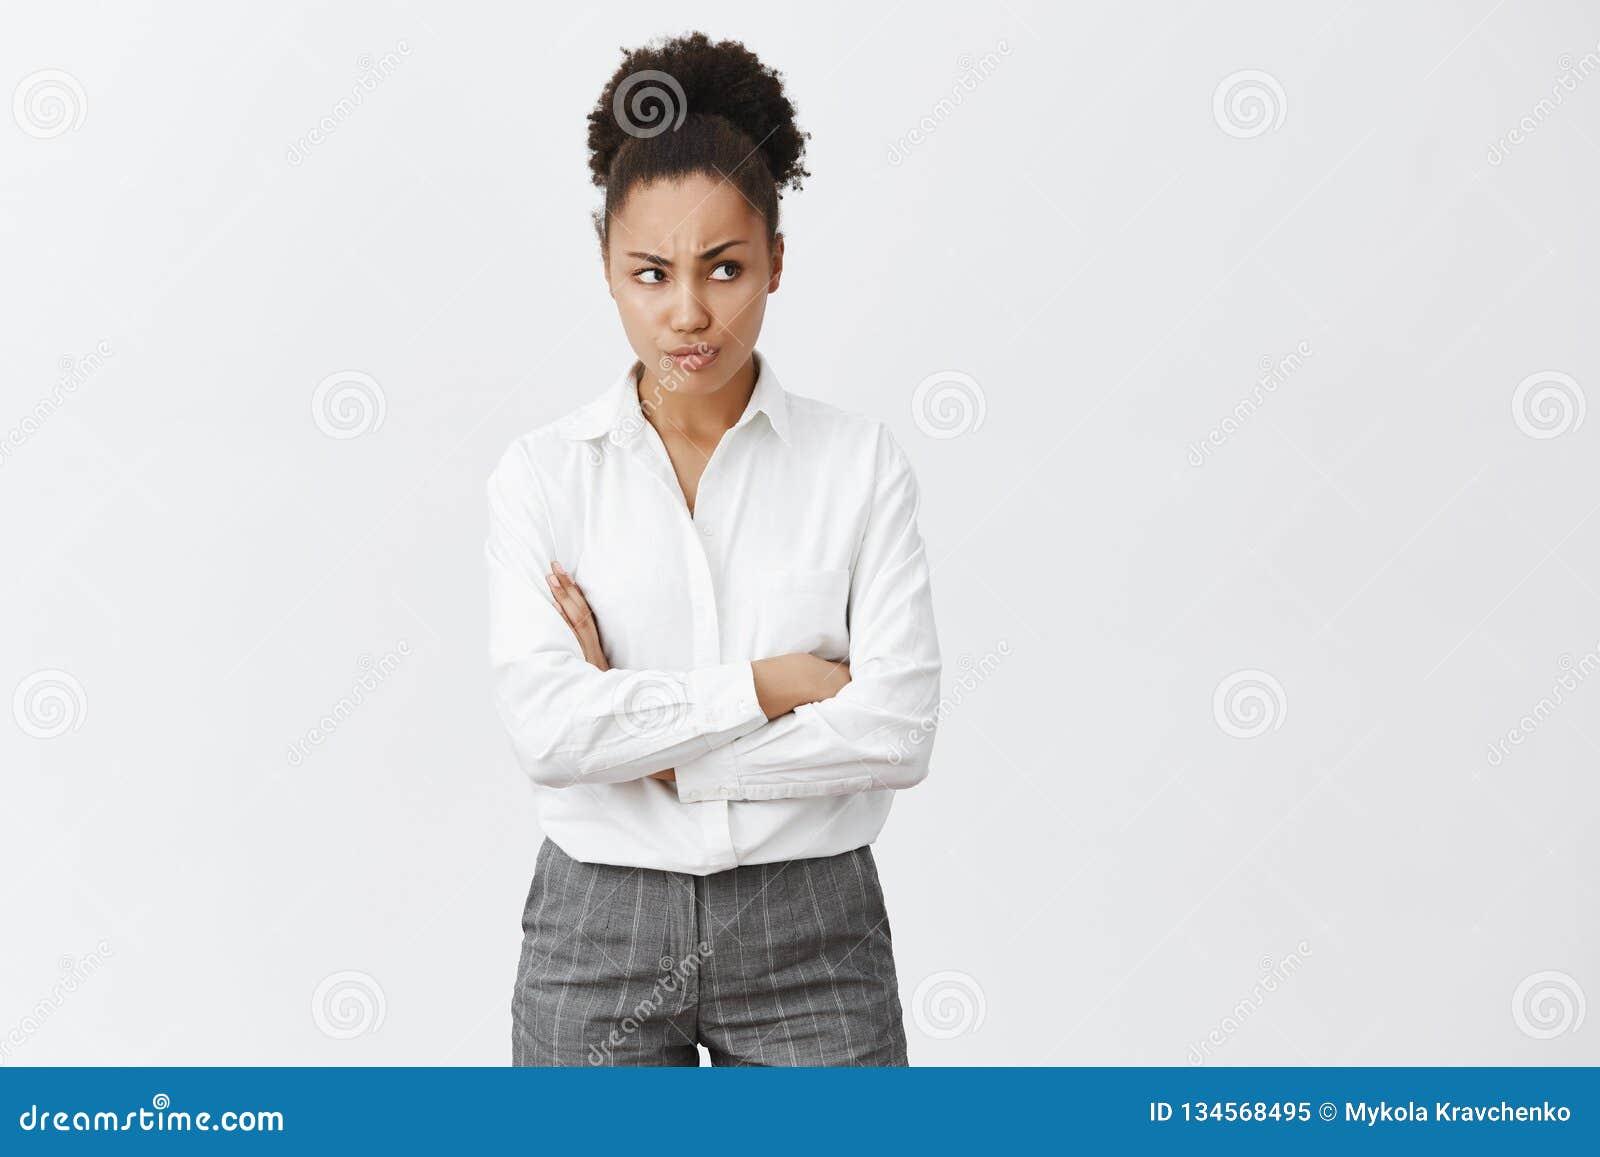 Η έξυπνη θηλυκή διαπραγμάτευση σκέψης επιχειρηματιών είναι ύποπτη, έχοντας τη δυσπιστία στην προσφορά συνέταιρων Έντονος αμφισβητ